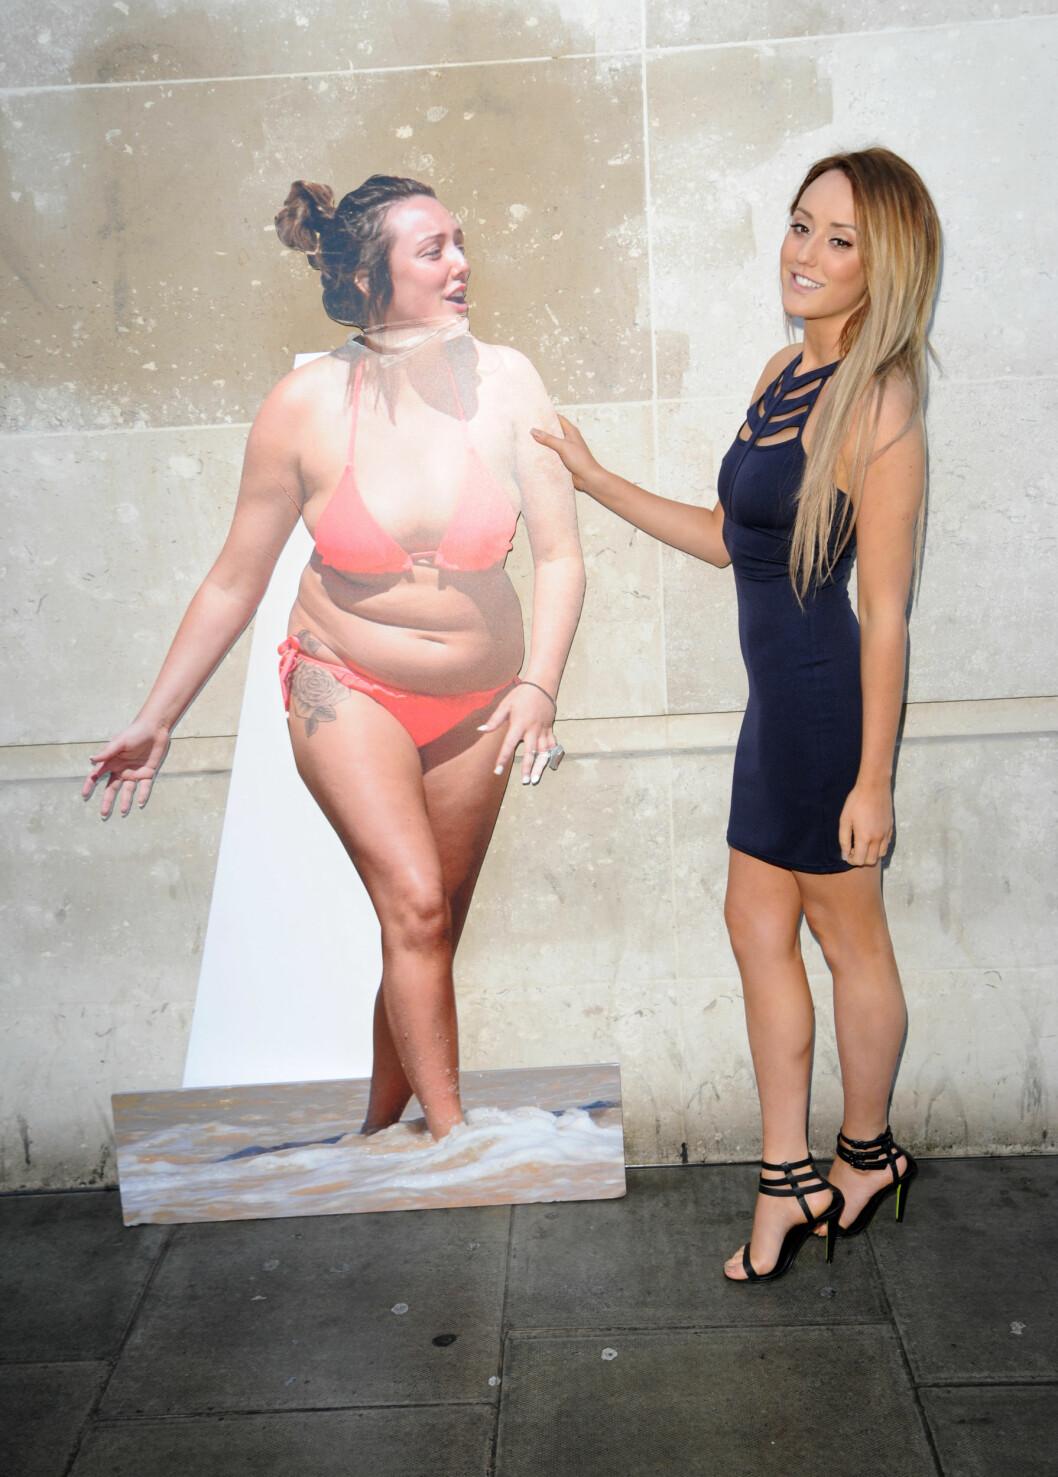 FORVANDLING: Crosby overrasket da hun nylig viste fram sin nye kropp, etter å ha slanket vekk mange kilo på seks måneder. Foto: All Over Press